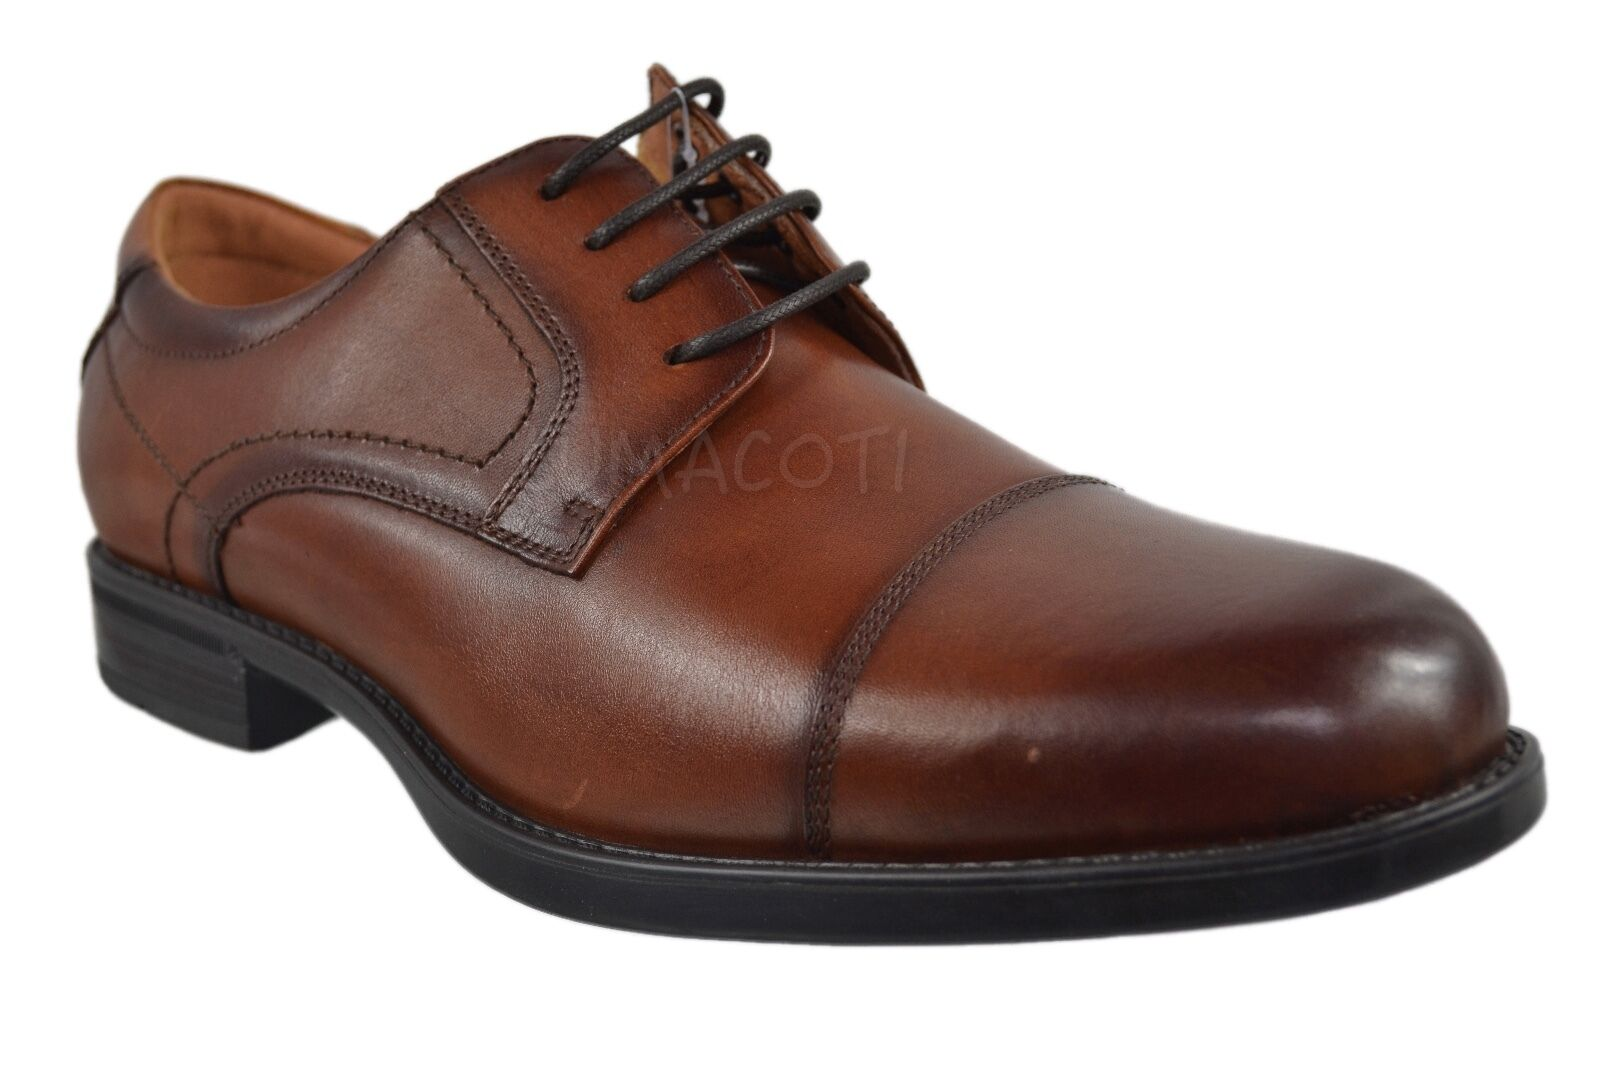 Florsheim Comfortech Midtown Cap Toe Cognac Uomo Oxford Shoes Shoes Oxford 12138 221 0a0a01